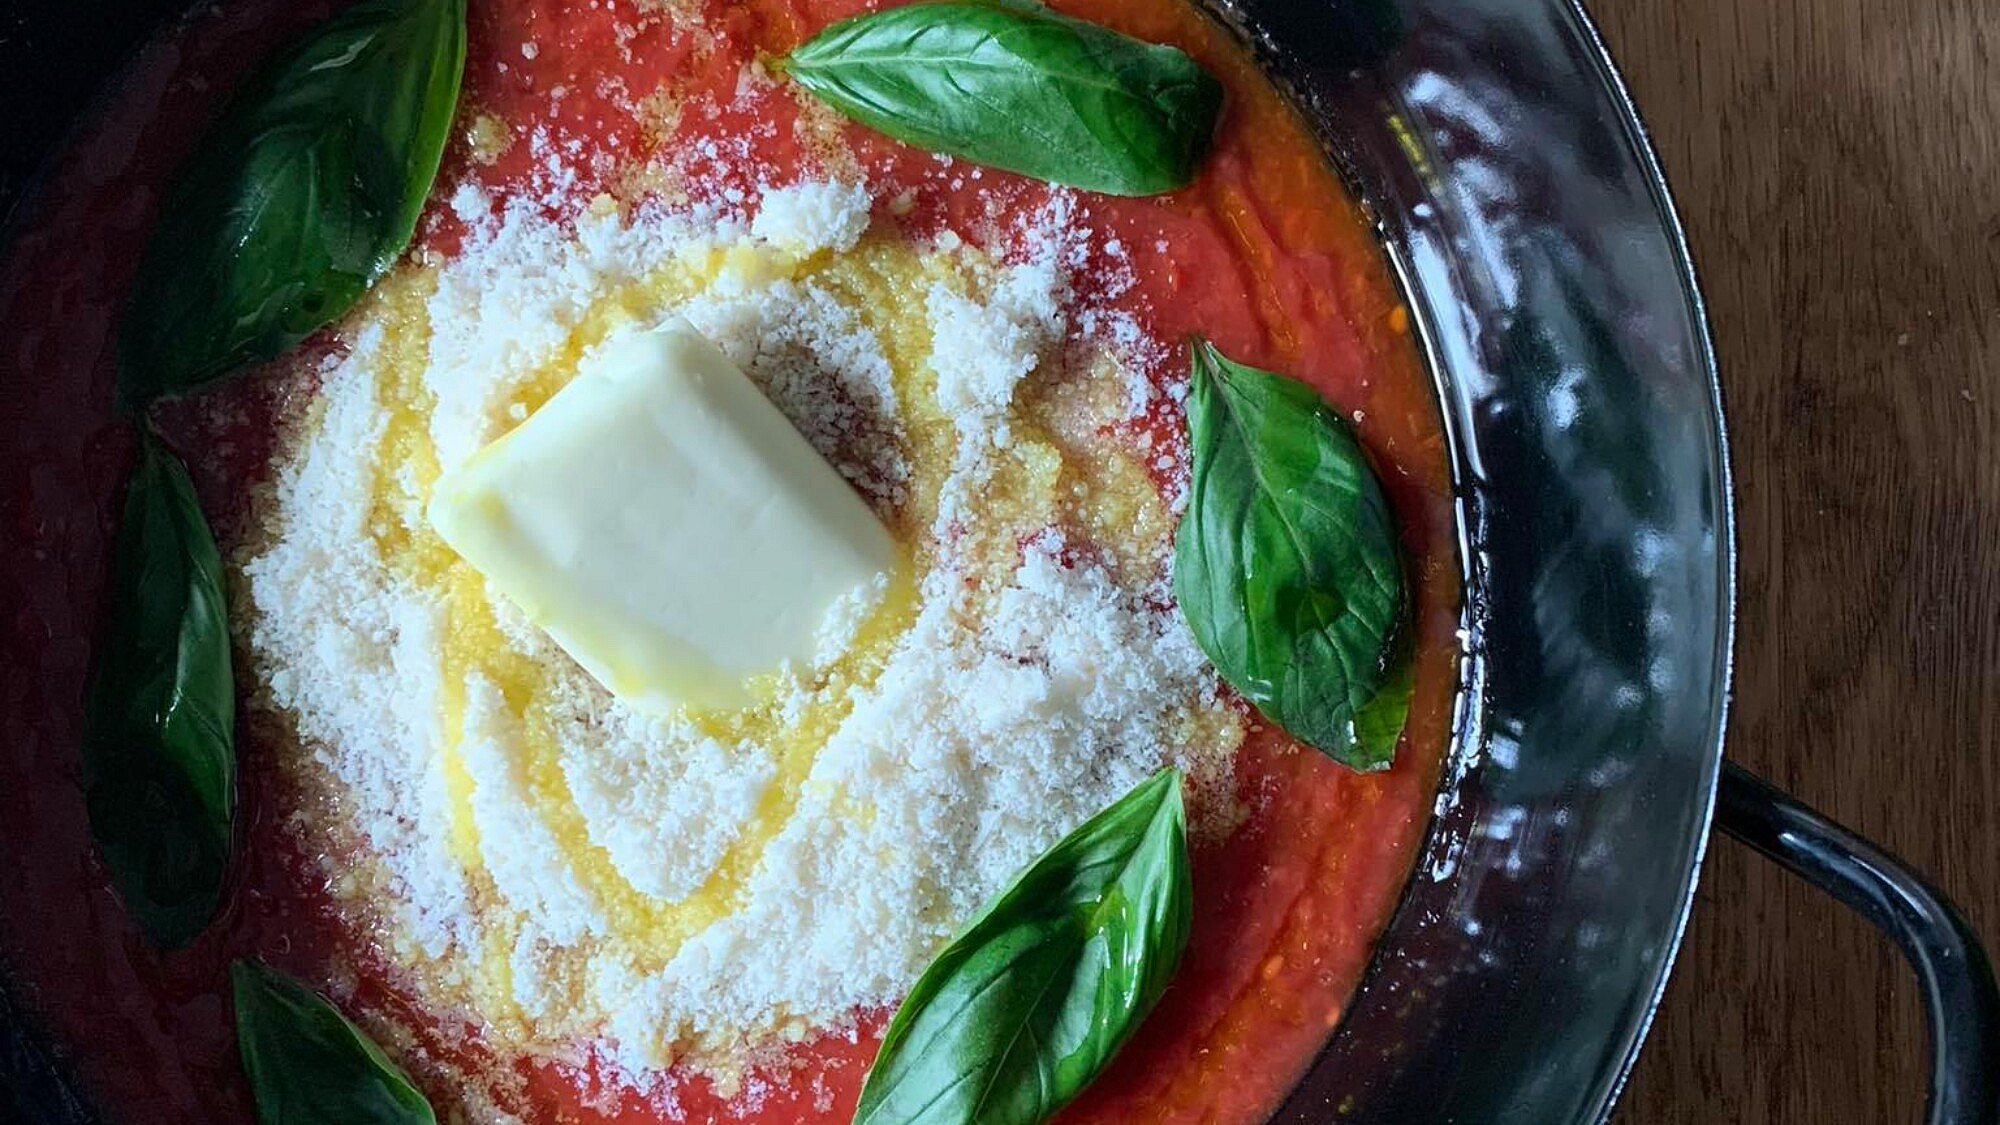 רוטב עגבניות לפסטה של מאמות איטלקיות. צילום: חני חמווי